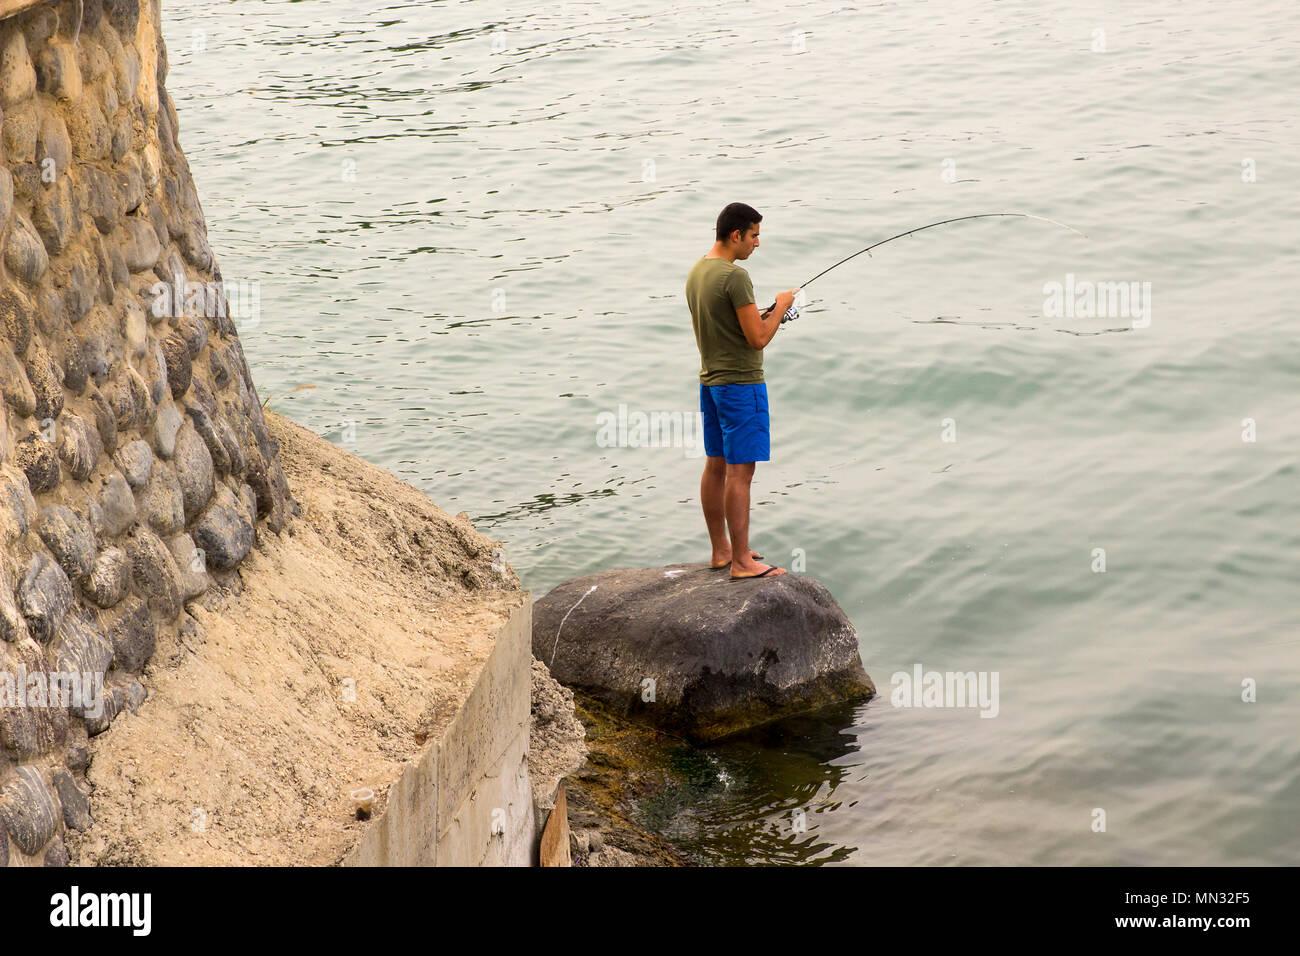 6 de mayo de 2018 Tiberíades en el Mar de Galilea, Israel. Un joven se levanta con orgullo un pez que ha capturado con una spinning y spinner. Imagen De Stock